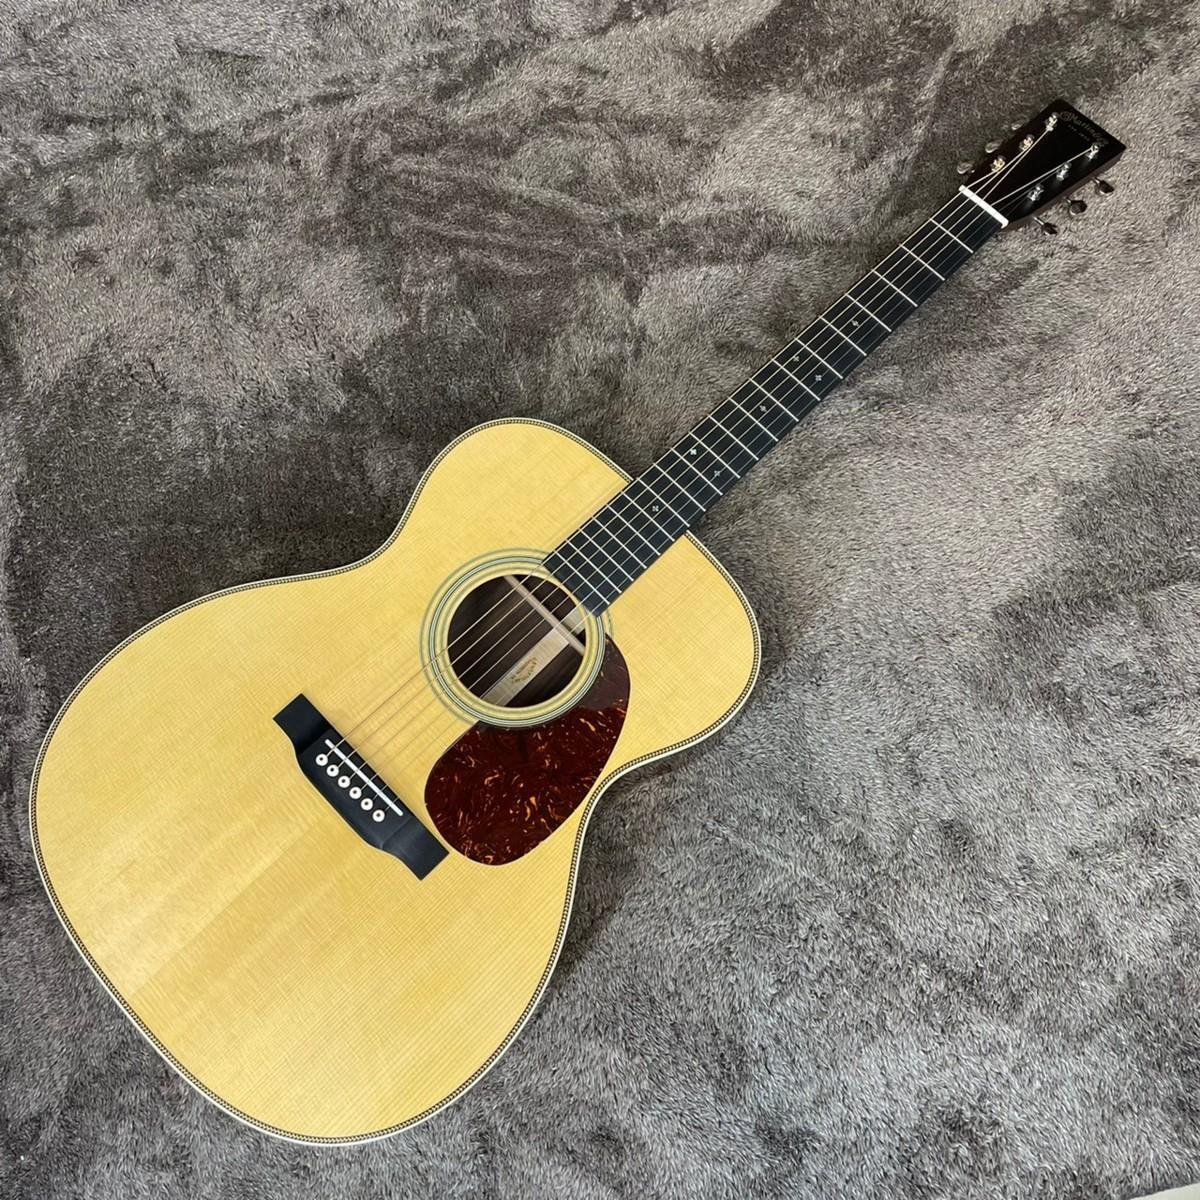 △新品 Martin 000-28 2020年製 マーチン アコースティックギター ♯2455057 1円スタート 同梱不可【楽器】